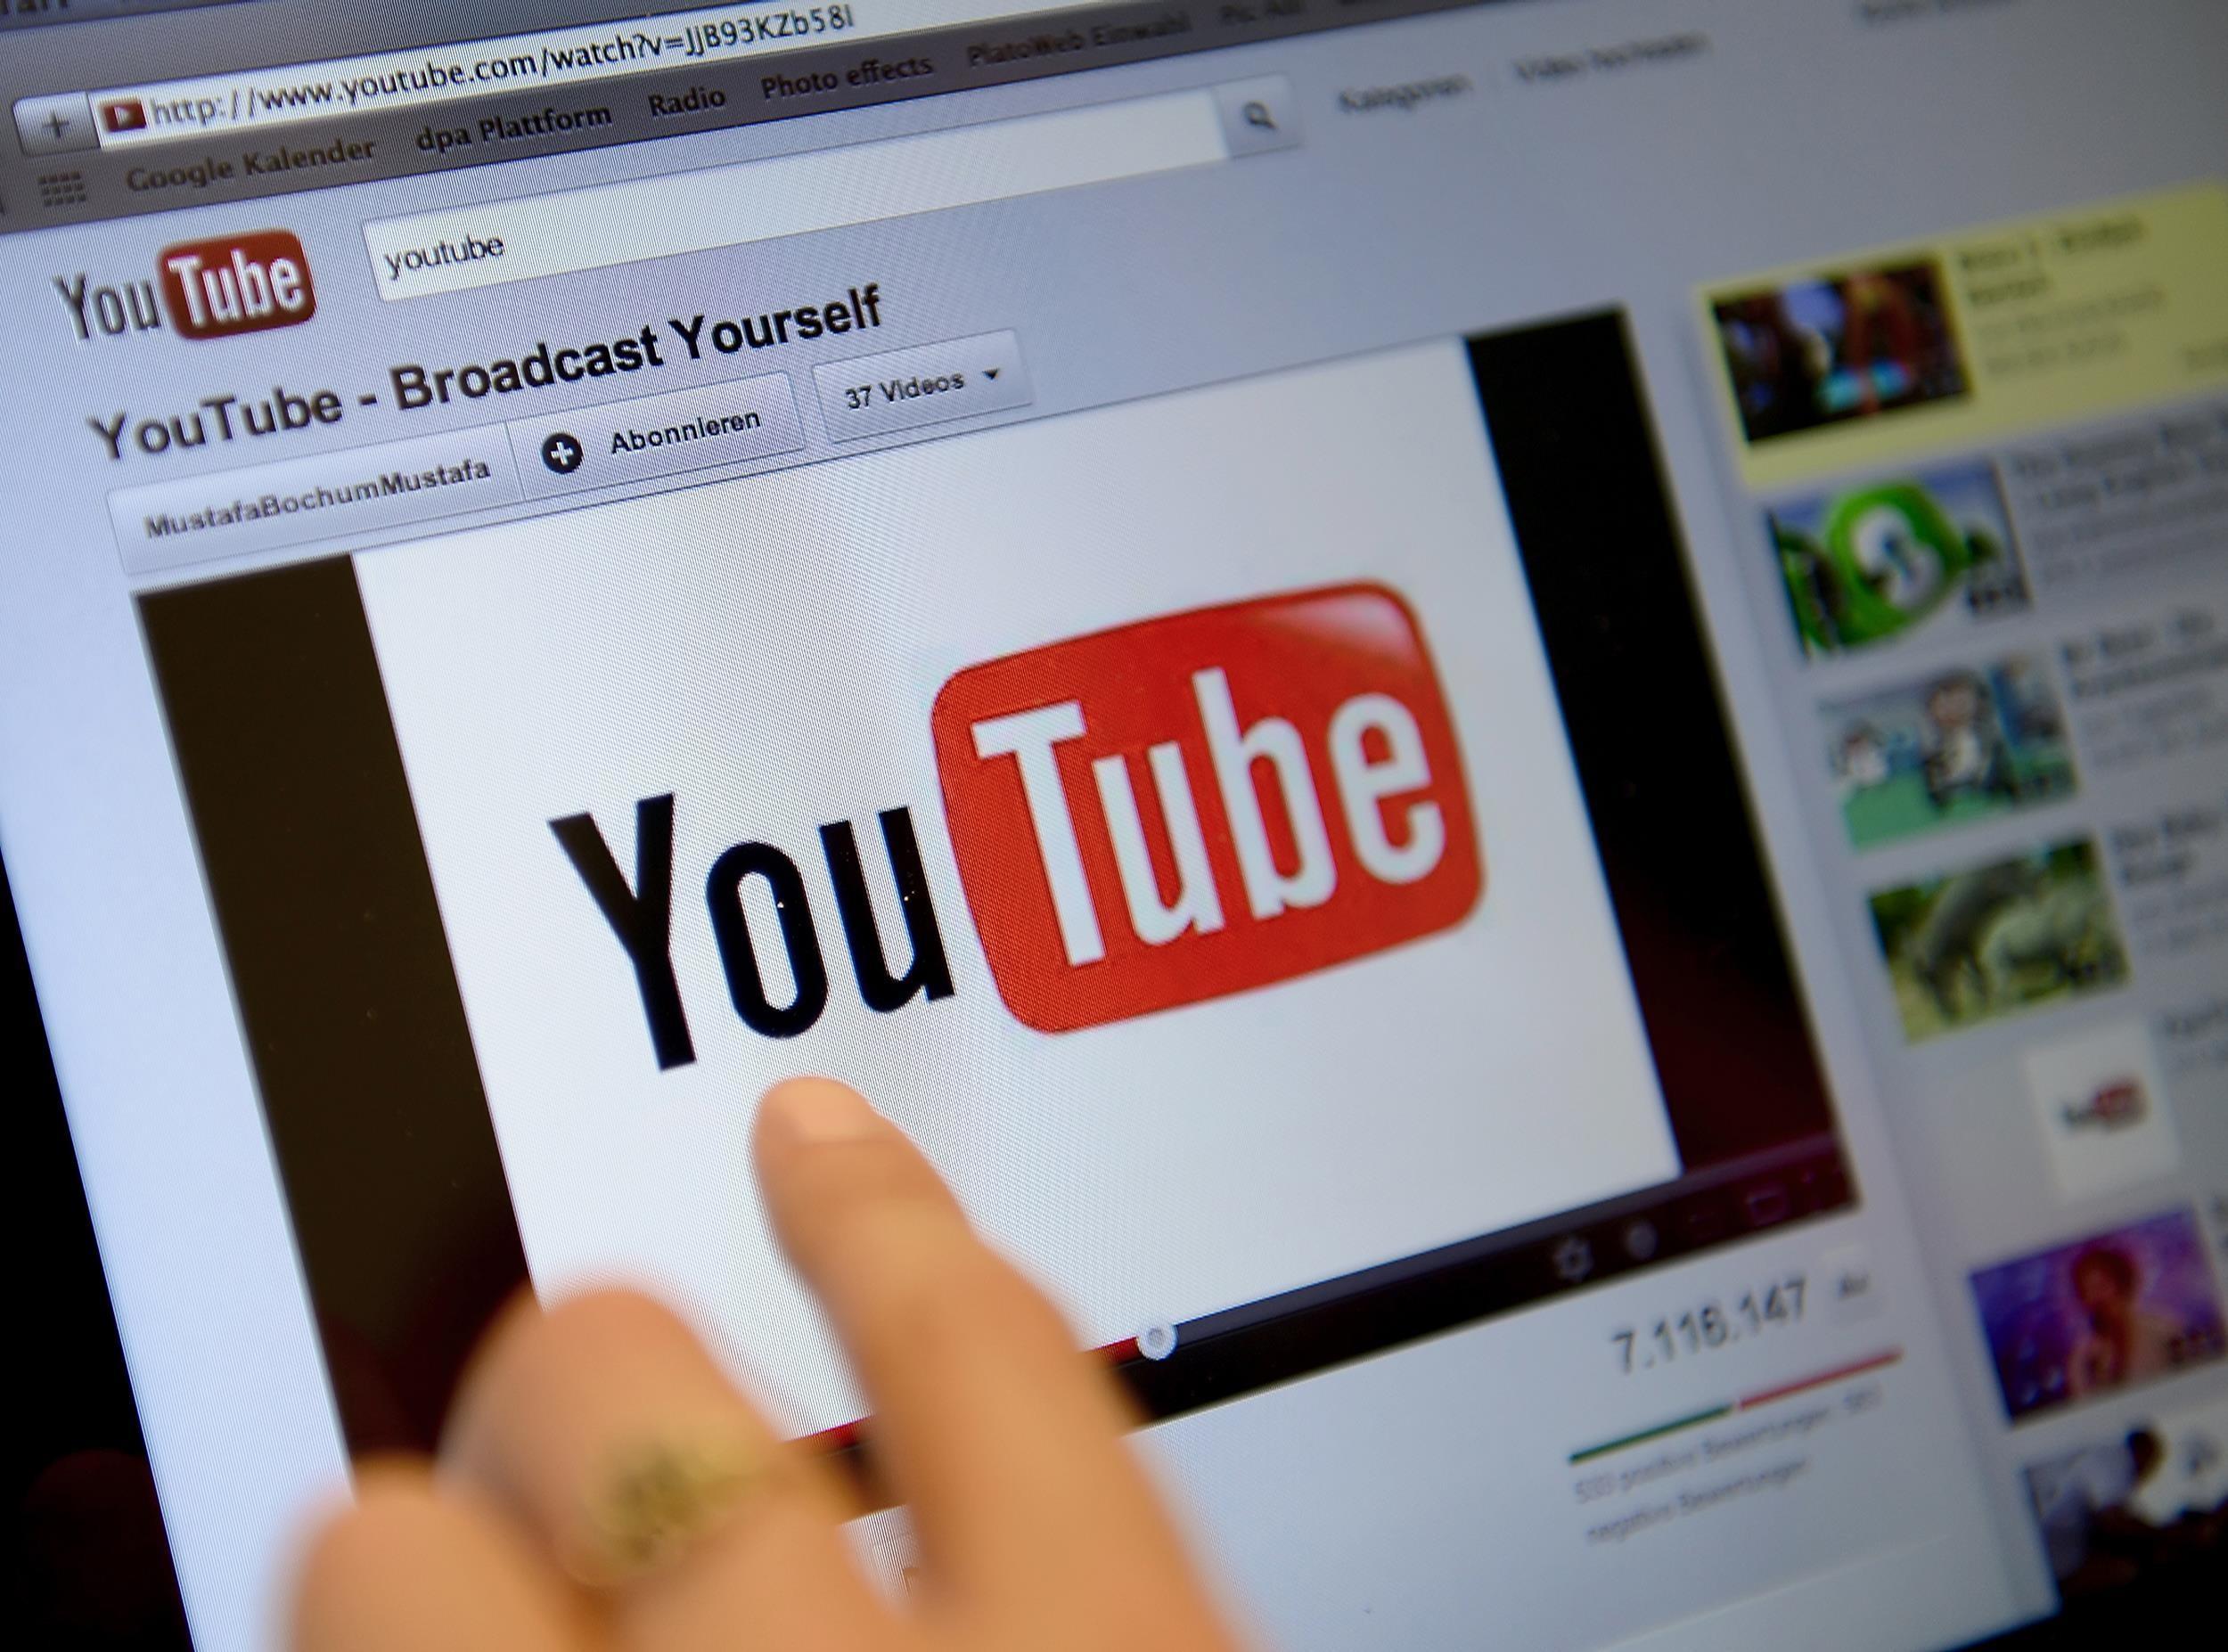 Каналы YouTube, набравшие менее 4 тысяч часов просмотров и 1 тысячи подписчиков, отключат от монетизации